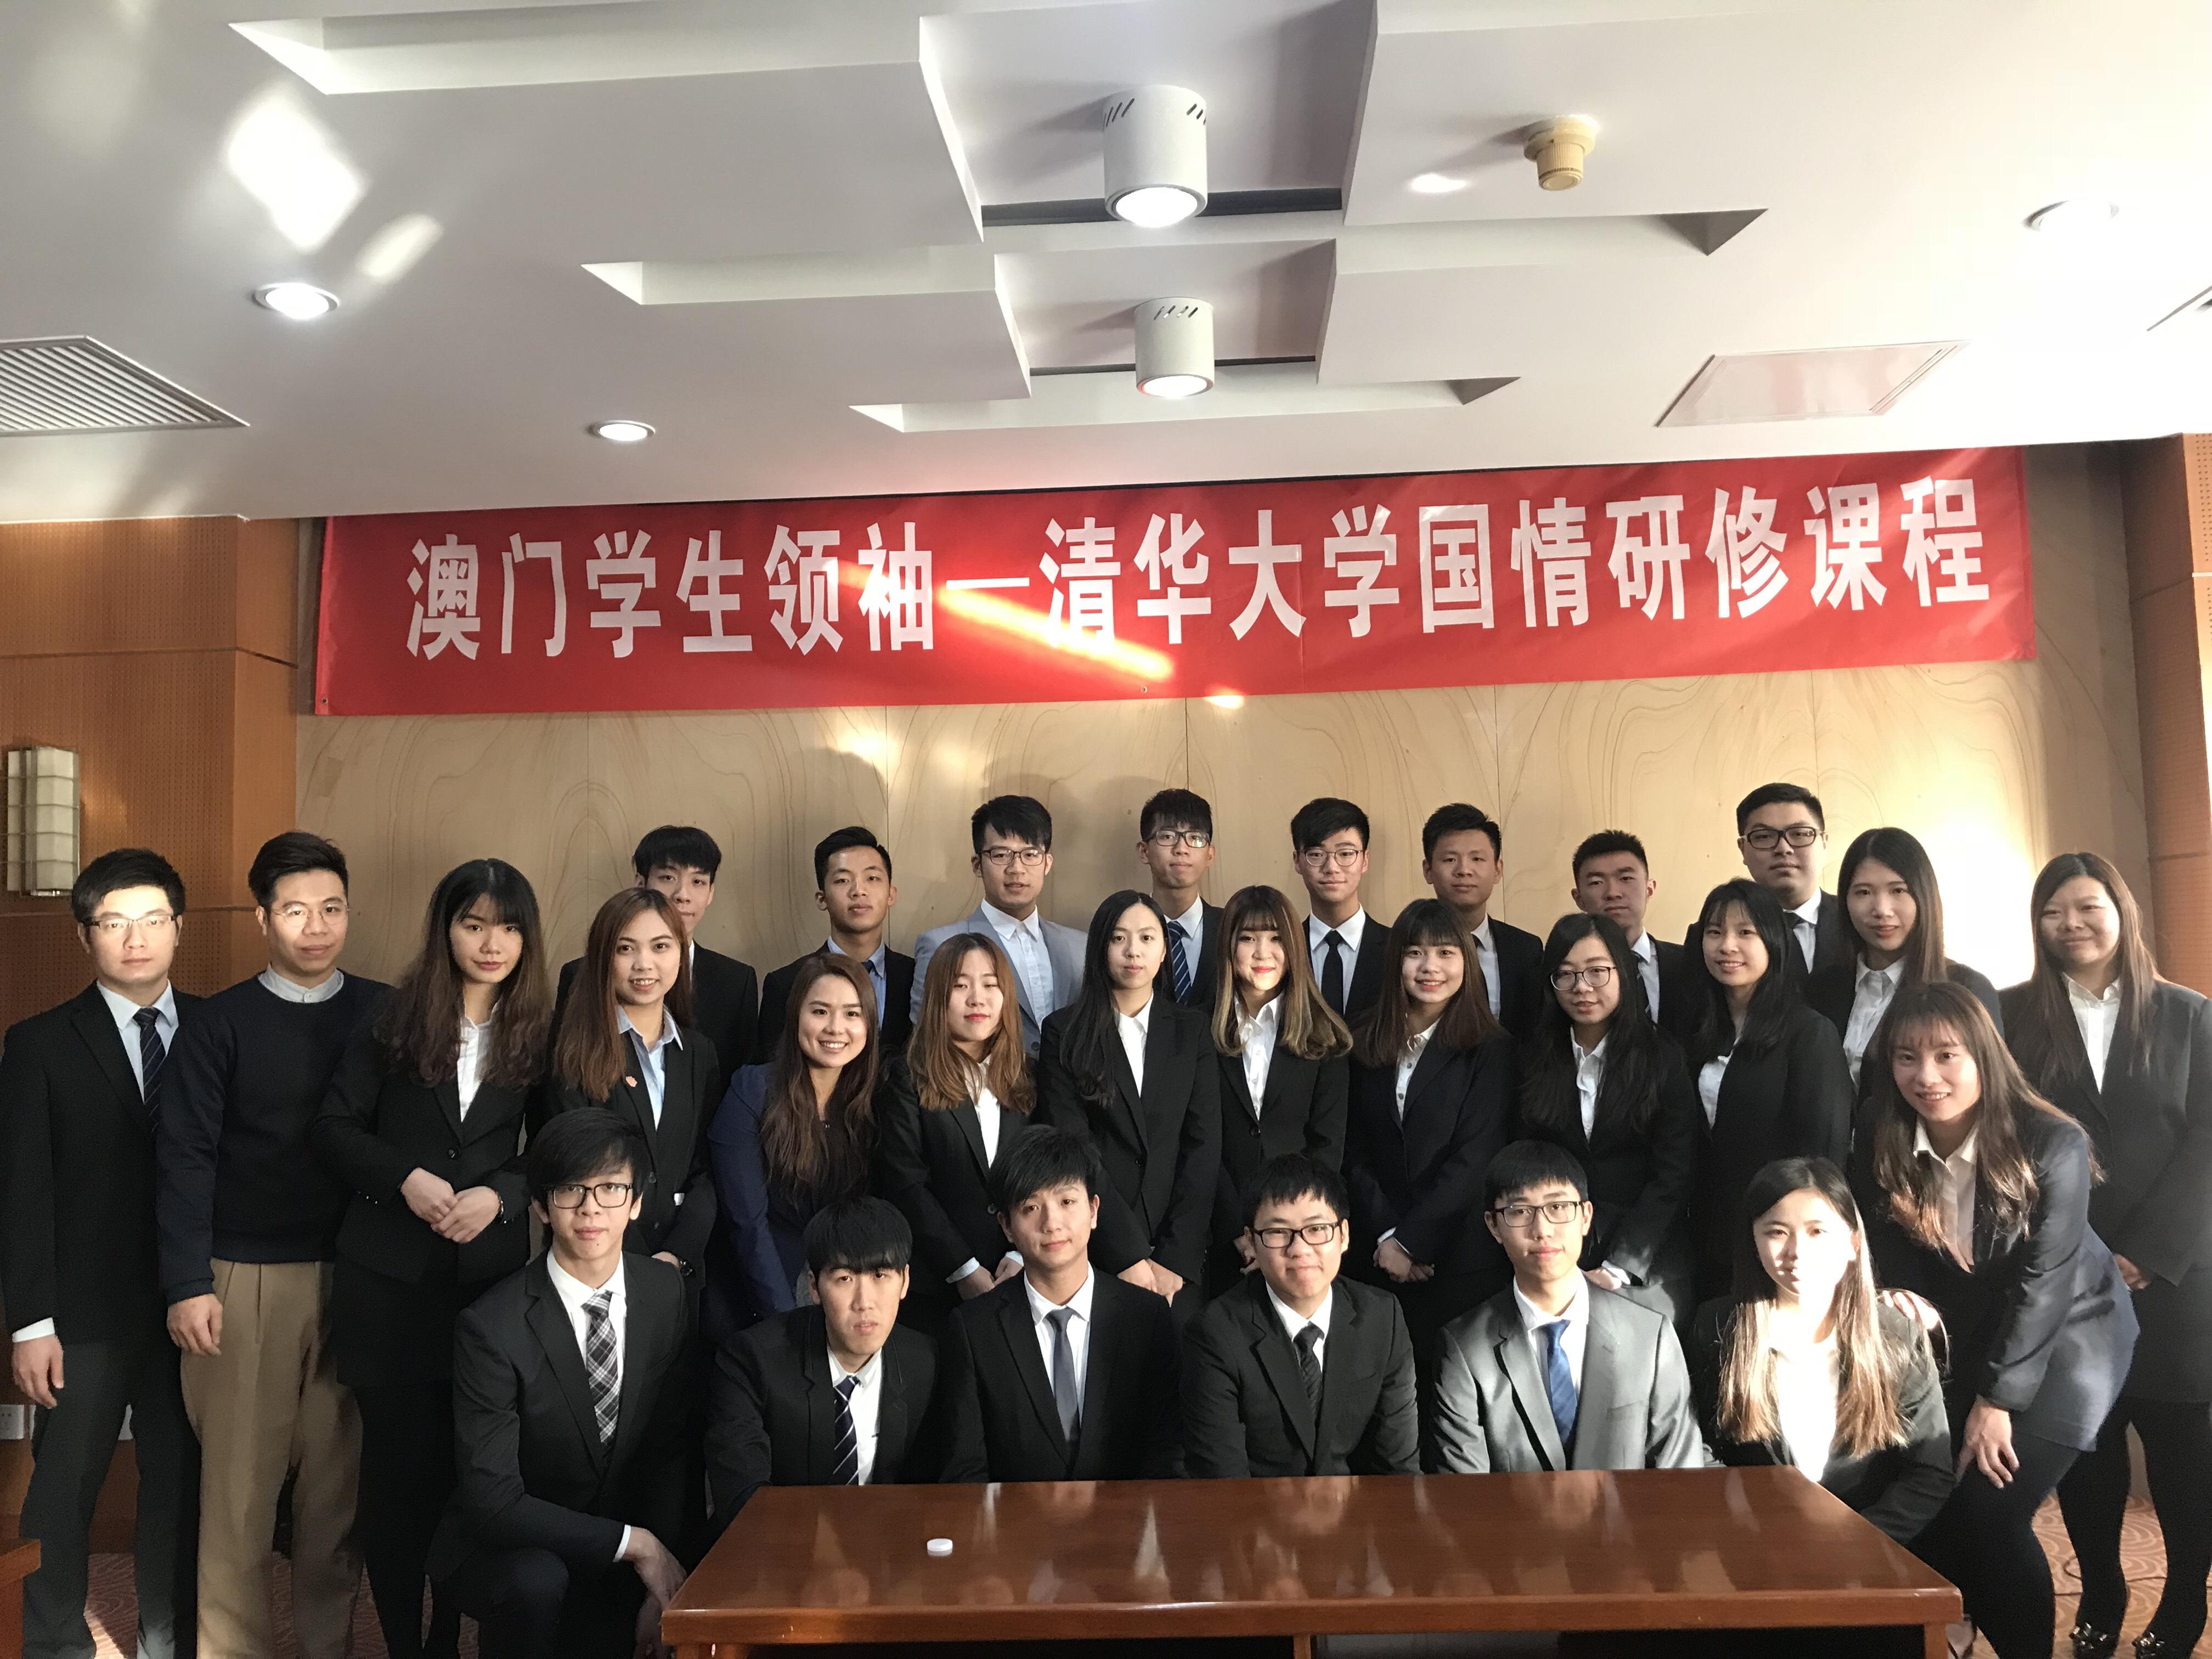 003參與清華大學國情研修課程